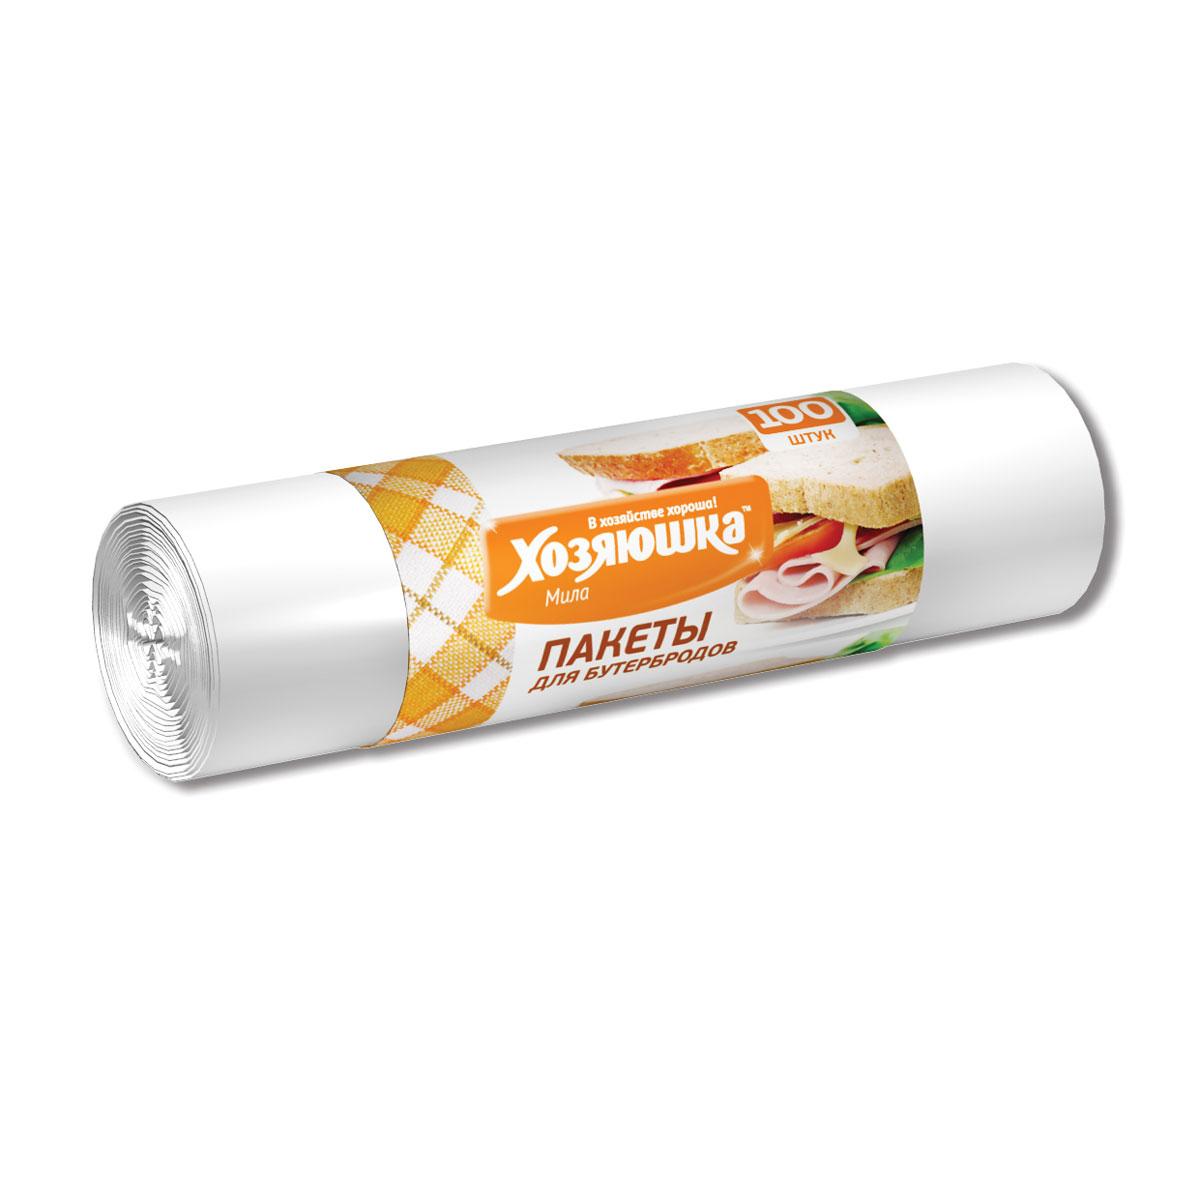 Пакеты для бутербродов Хозяюшка Мила, 17 х 28 см, 100 шт23154Пакеты для бутербродов Хозяюшка Мила являются предметами первой необходимости. В школу, на работу или в поездку брать с собой бутерброды будет гораздо удобнее в пакетах, которые позволят надежно сохранить свежесть продуктов. Фасовочные пакеты - это самый распространенный, удобный и практичный вид современной упаковки, предназначенный для хранения и транспортировки практически всех видов пищевых и непродовольственных товаров.Размер: 17 см х 28 см.